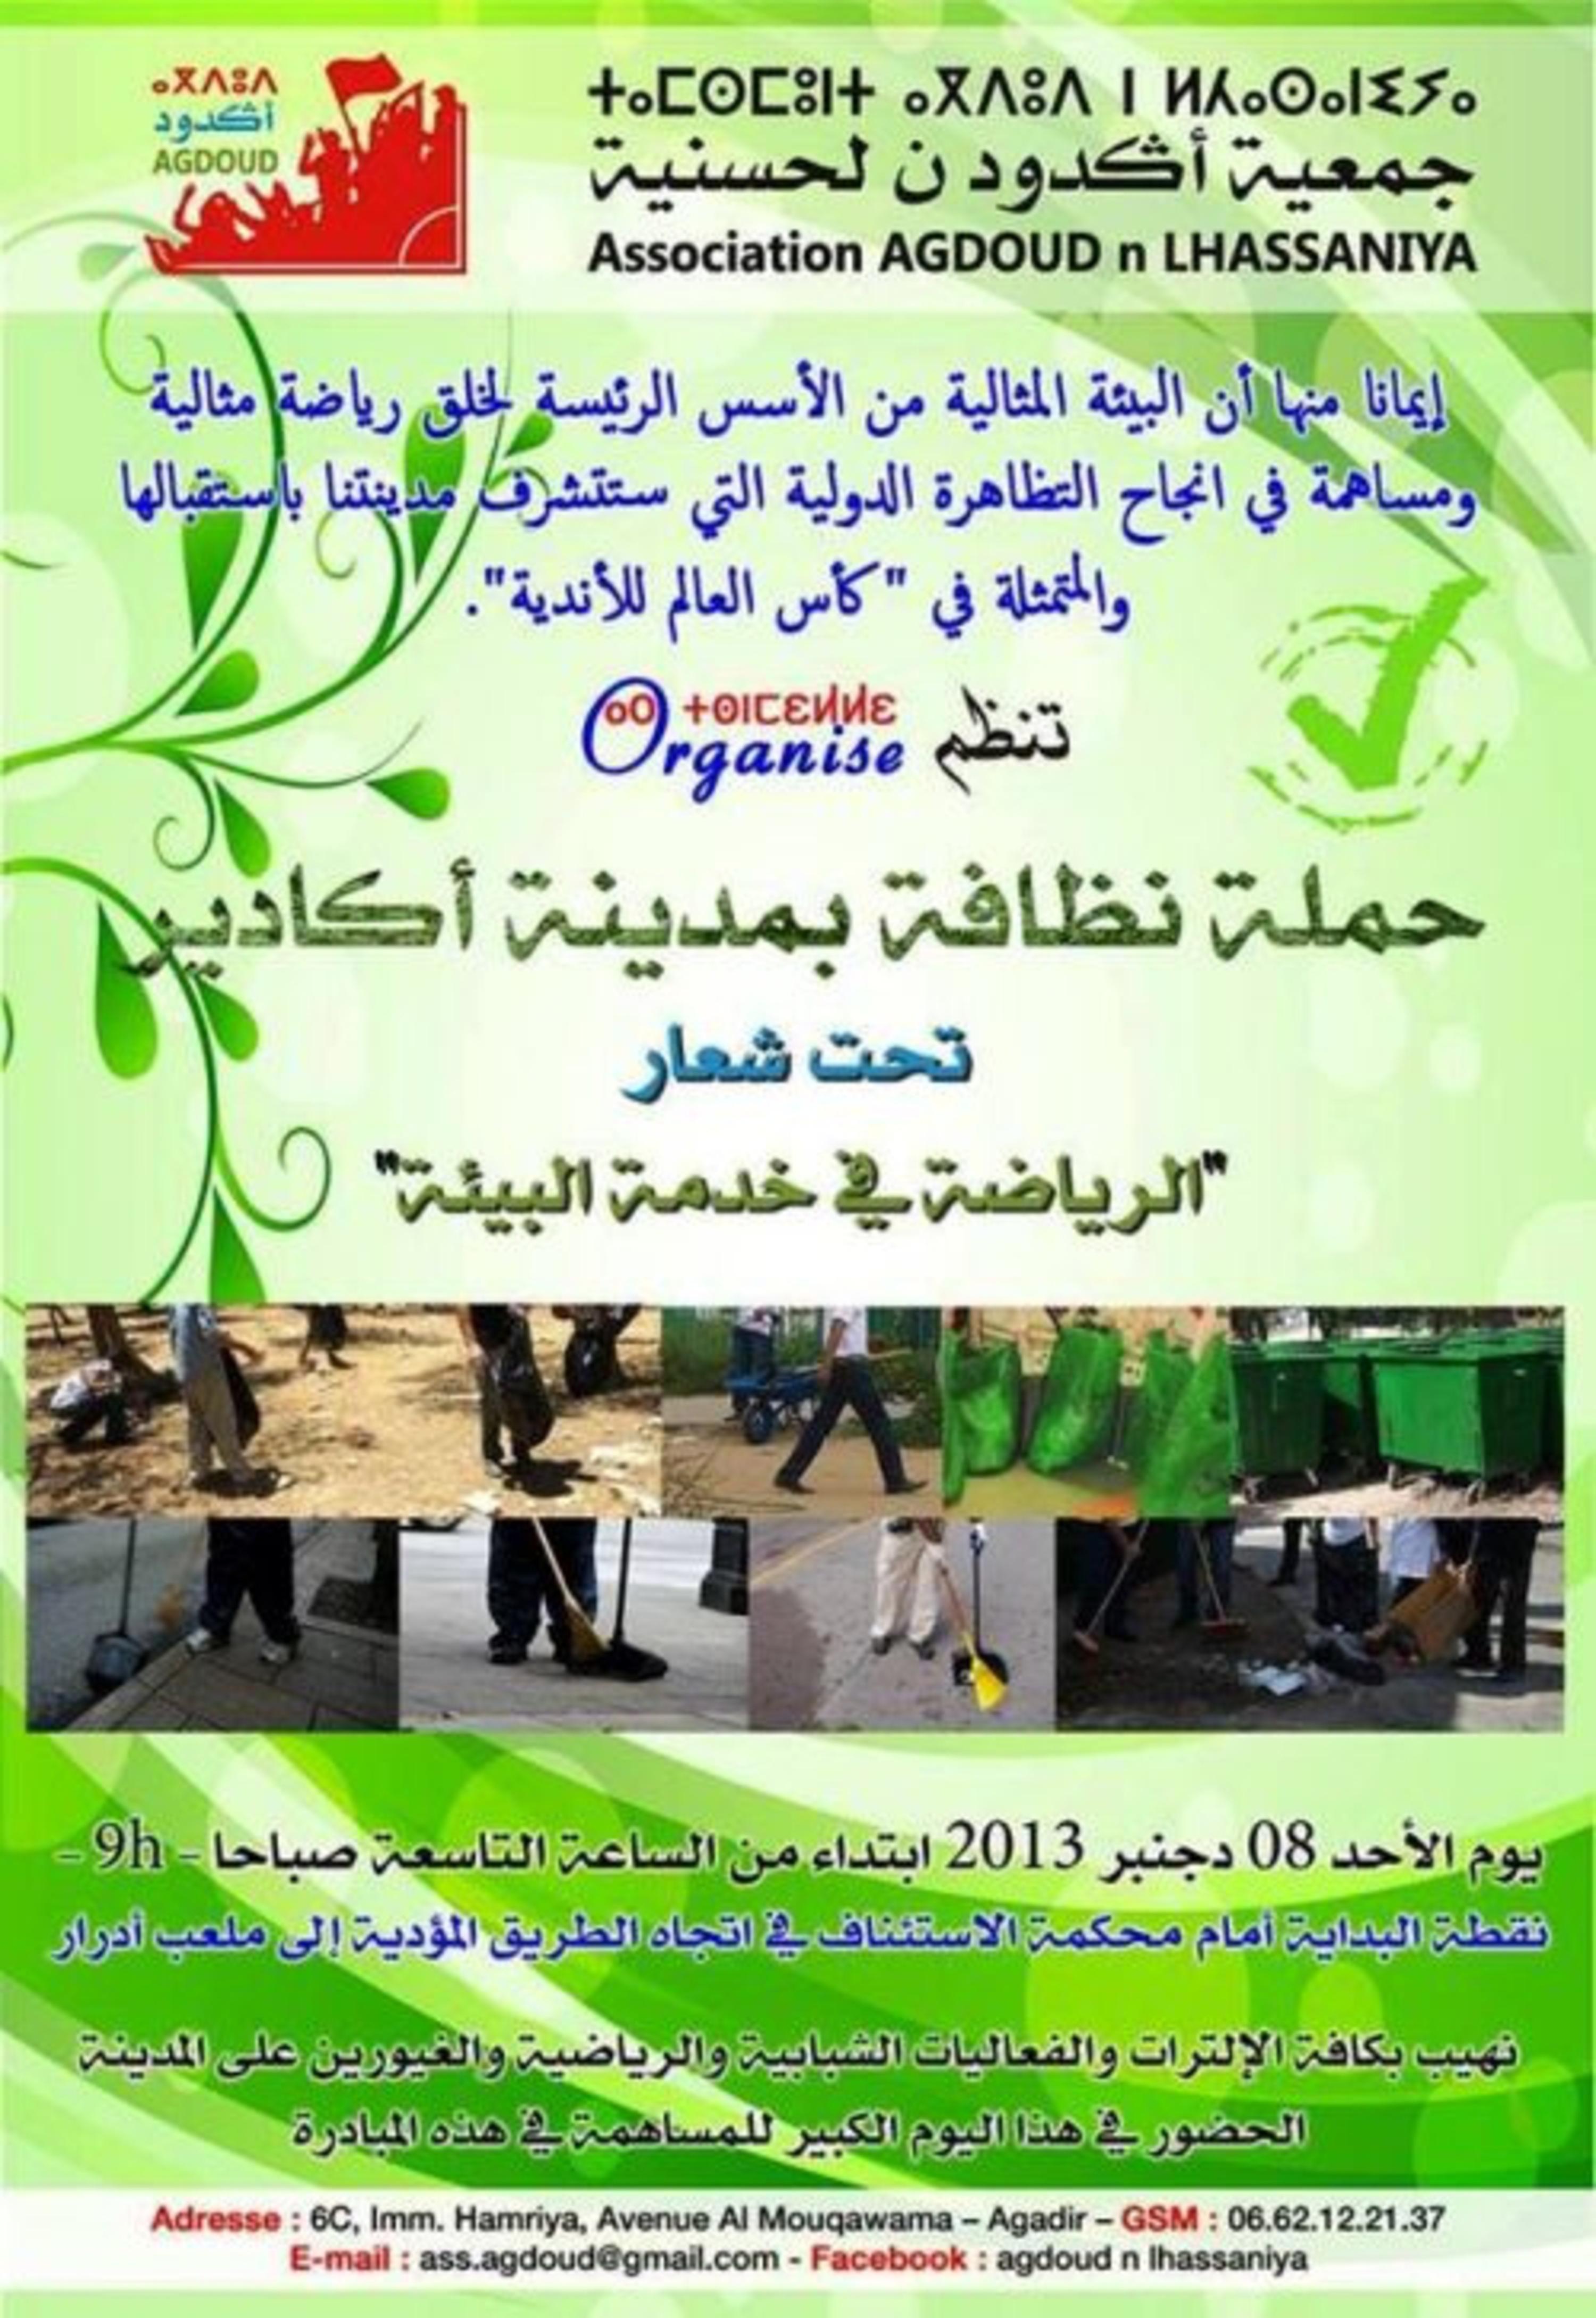 """جمعية """"ءاكدود لحسنية """" تنظم حملة للنظافة بمناسبة احتضان أكادير لكأس العالم للأندية"""